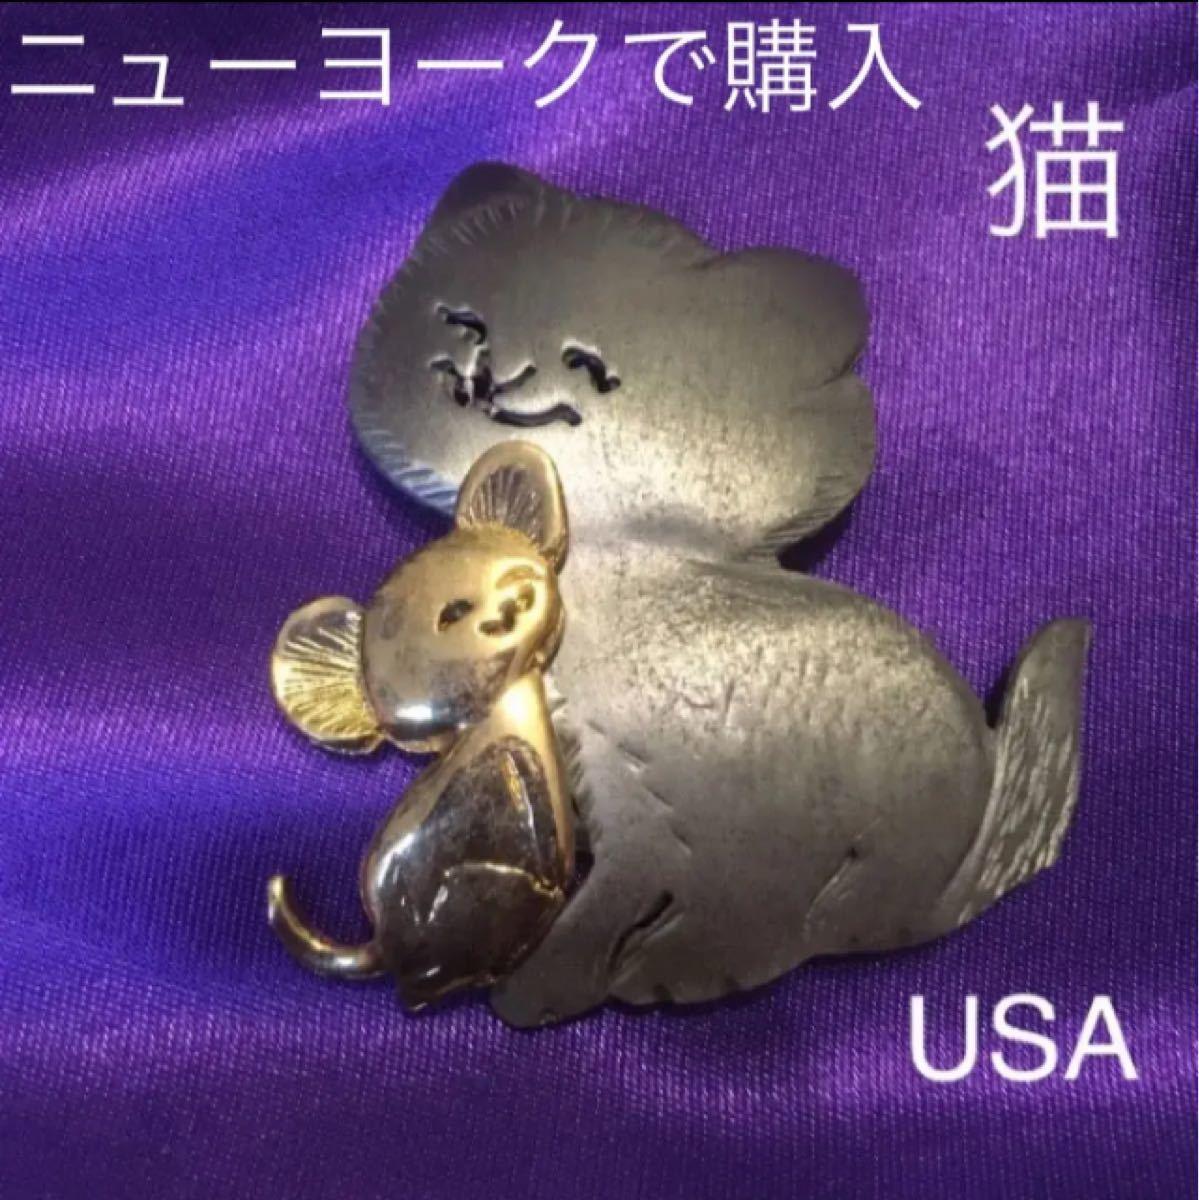 アメリカ 猫ブローチ 猫アクセサリー 猫グッズ 猫雑貨 猫小物 猫物 子猫 ねこ